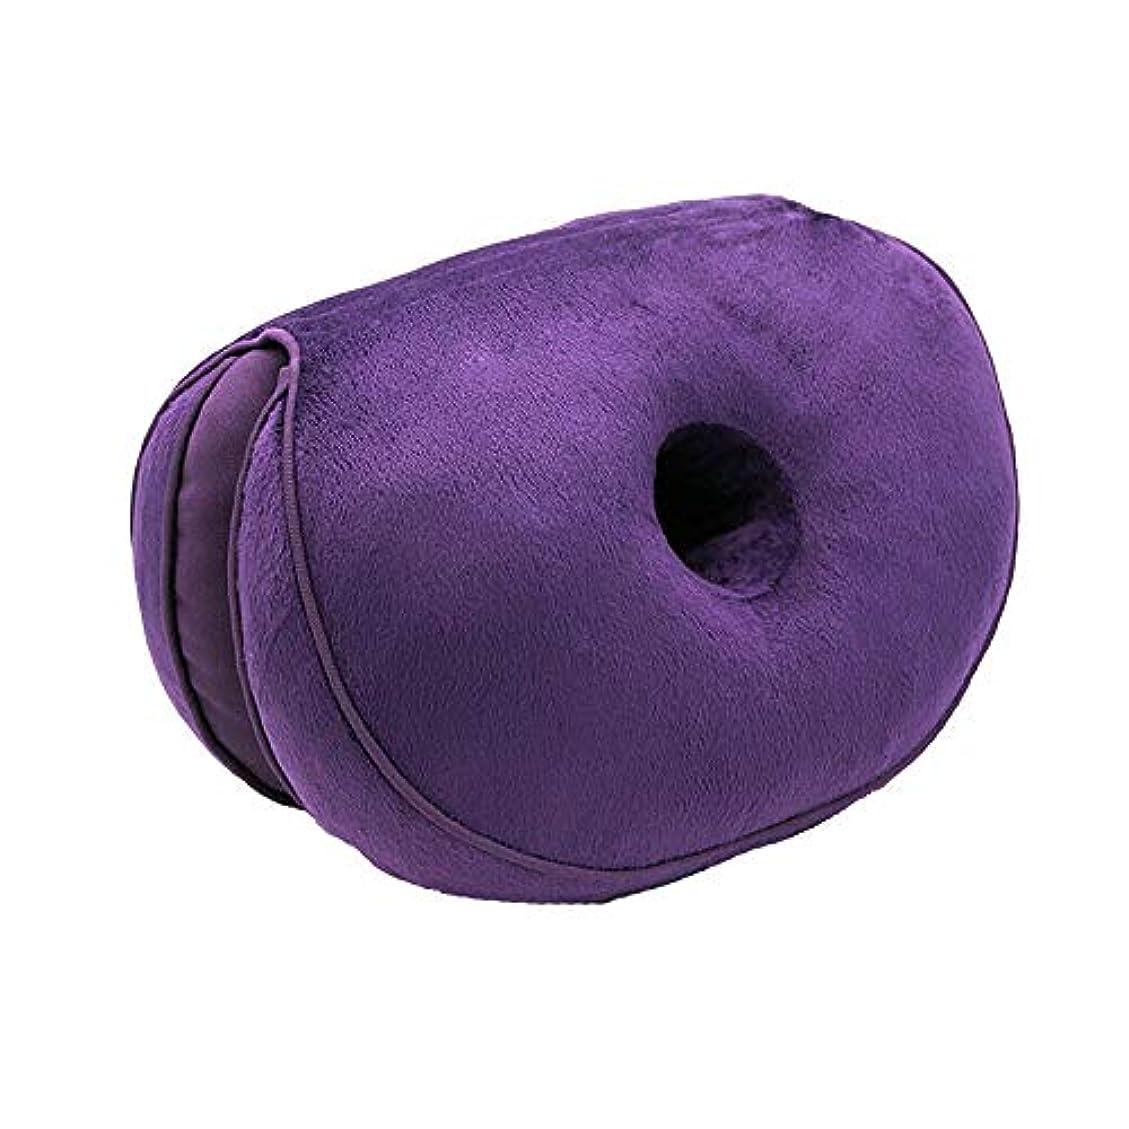 または放置スポーツLIFE 新デュアルシートクッション低反発ラテックスオフィスチェアバックシートクッション快適な臀部マットパッド枕旅行枕女性女の子 クッション 椅子